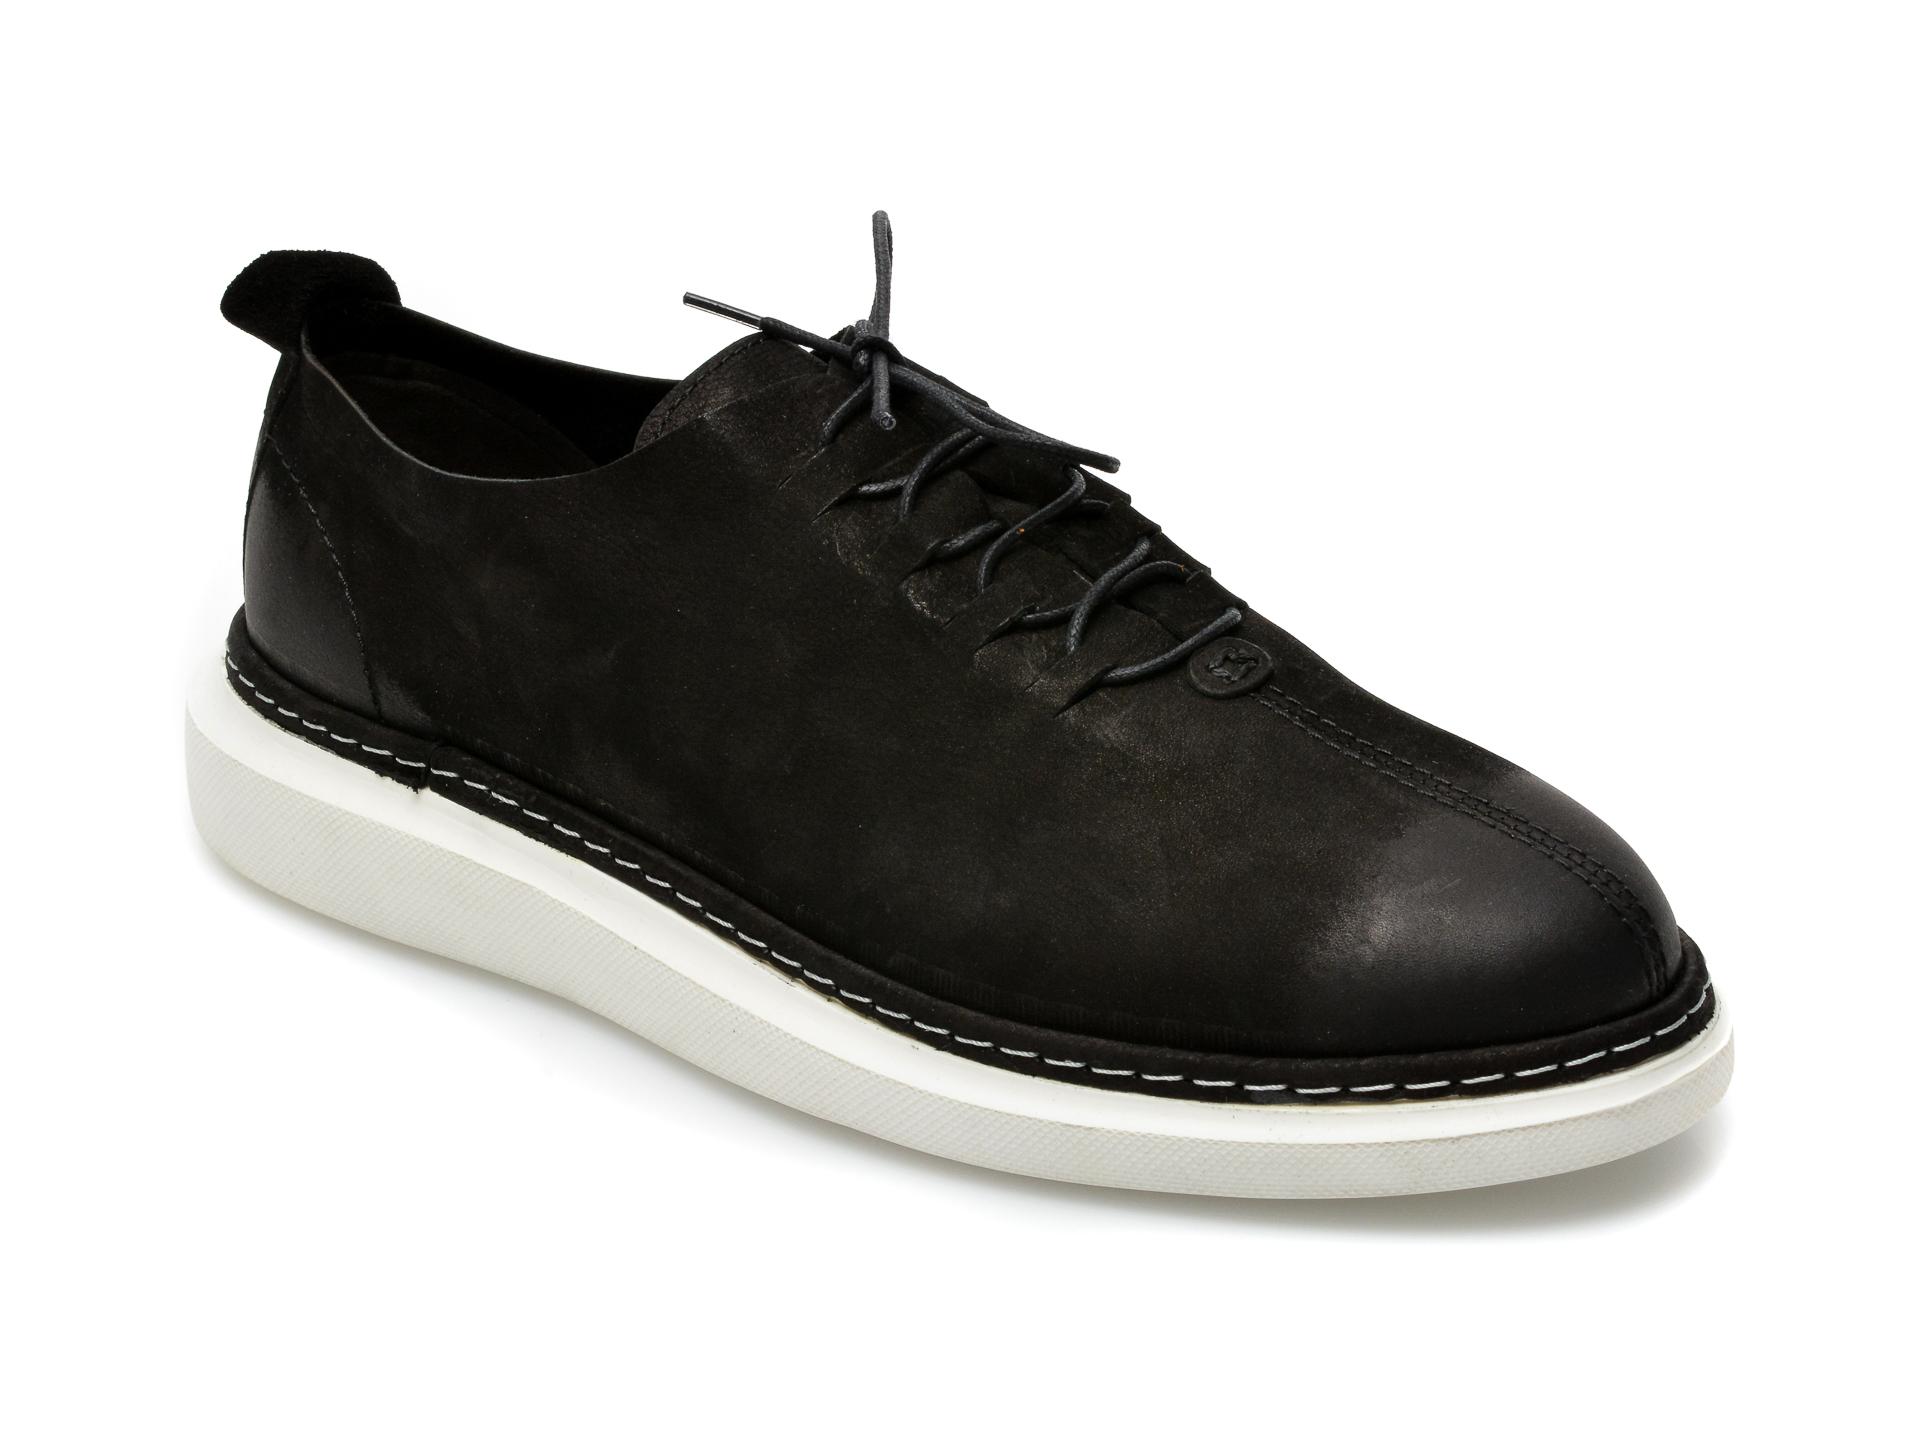 Pantofi OTTER negri, 21KL801, din nabuc imagine otter.ro